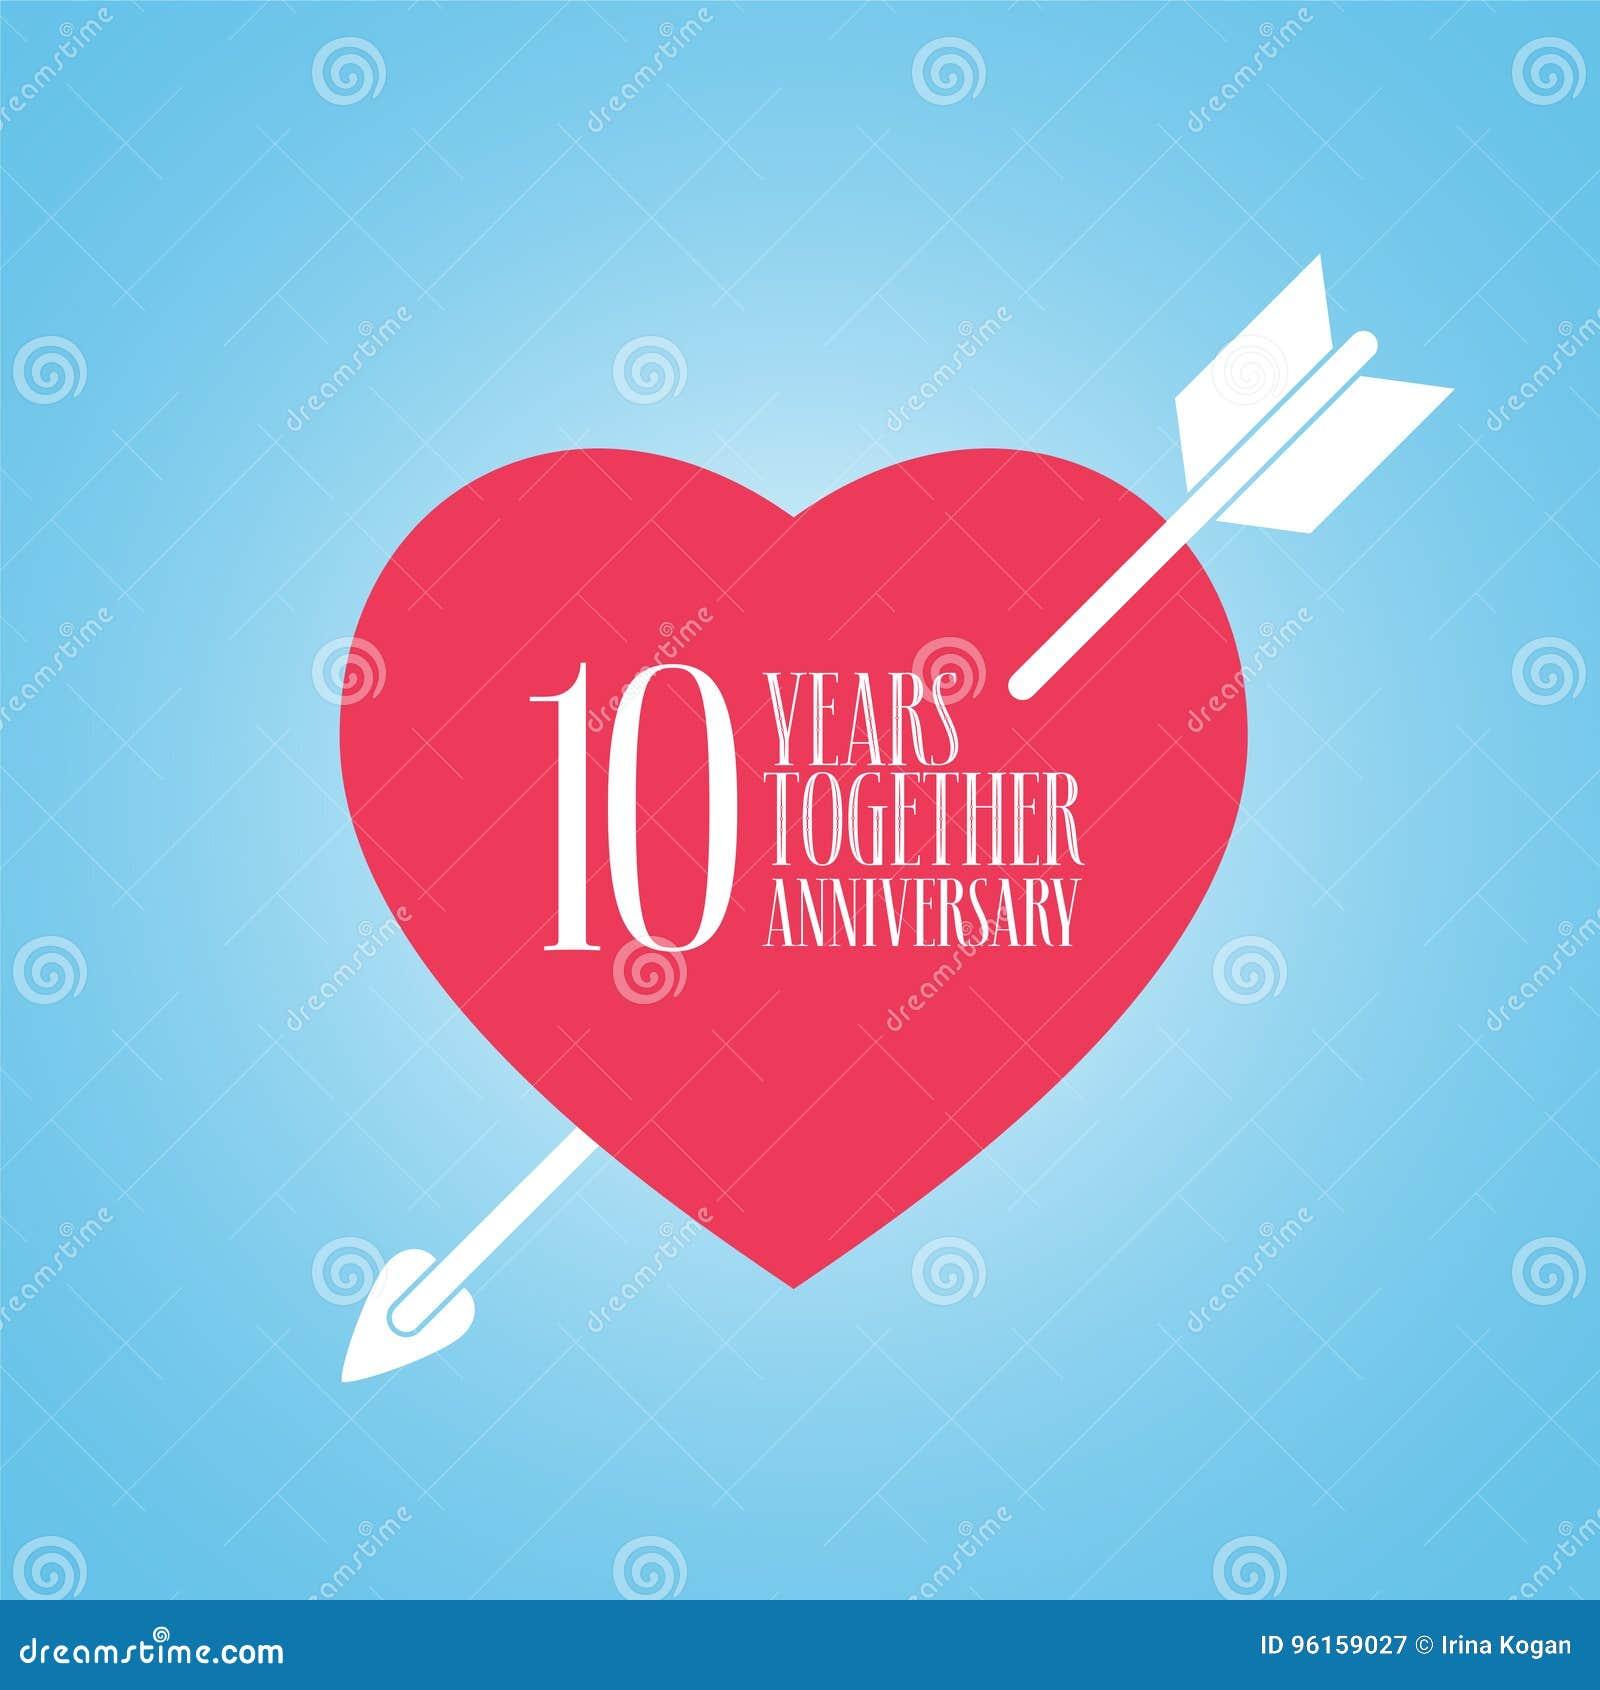 27 Anniversario Di Matrimonio.10 Anni Di Anniversario Dell Icona Di Vettore Di Matrimonio O Di